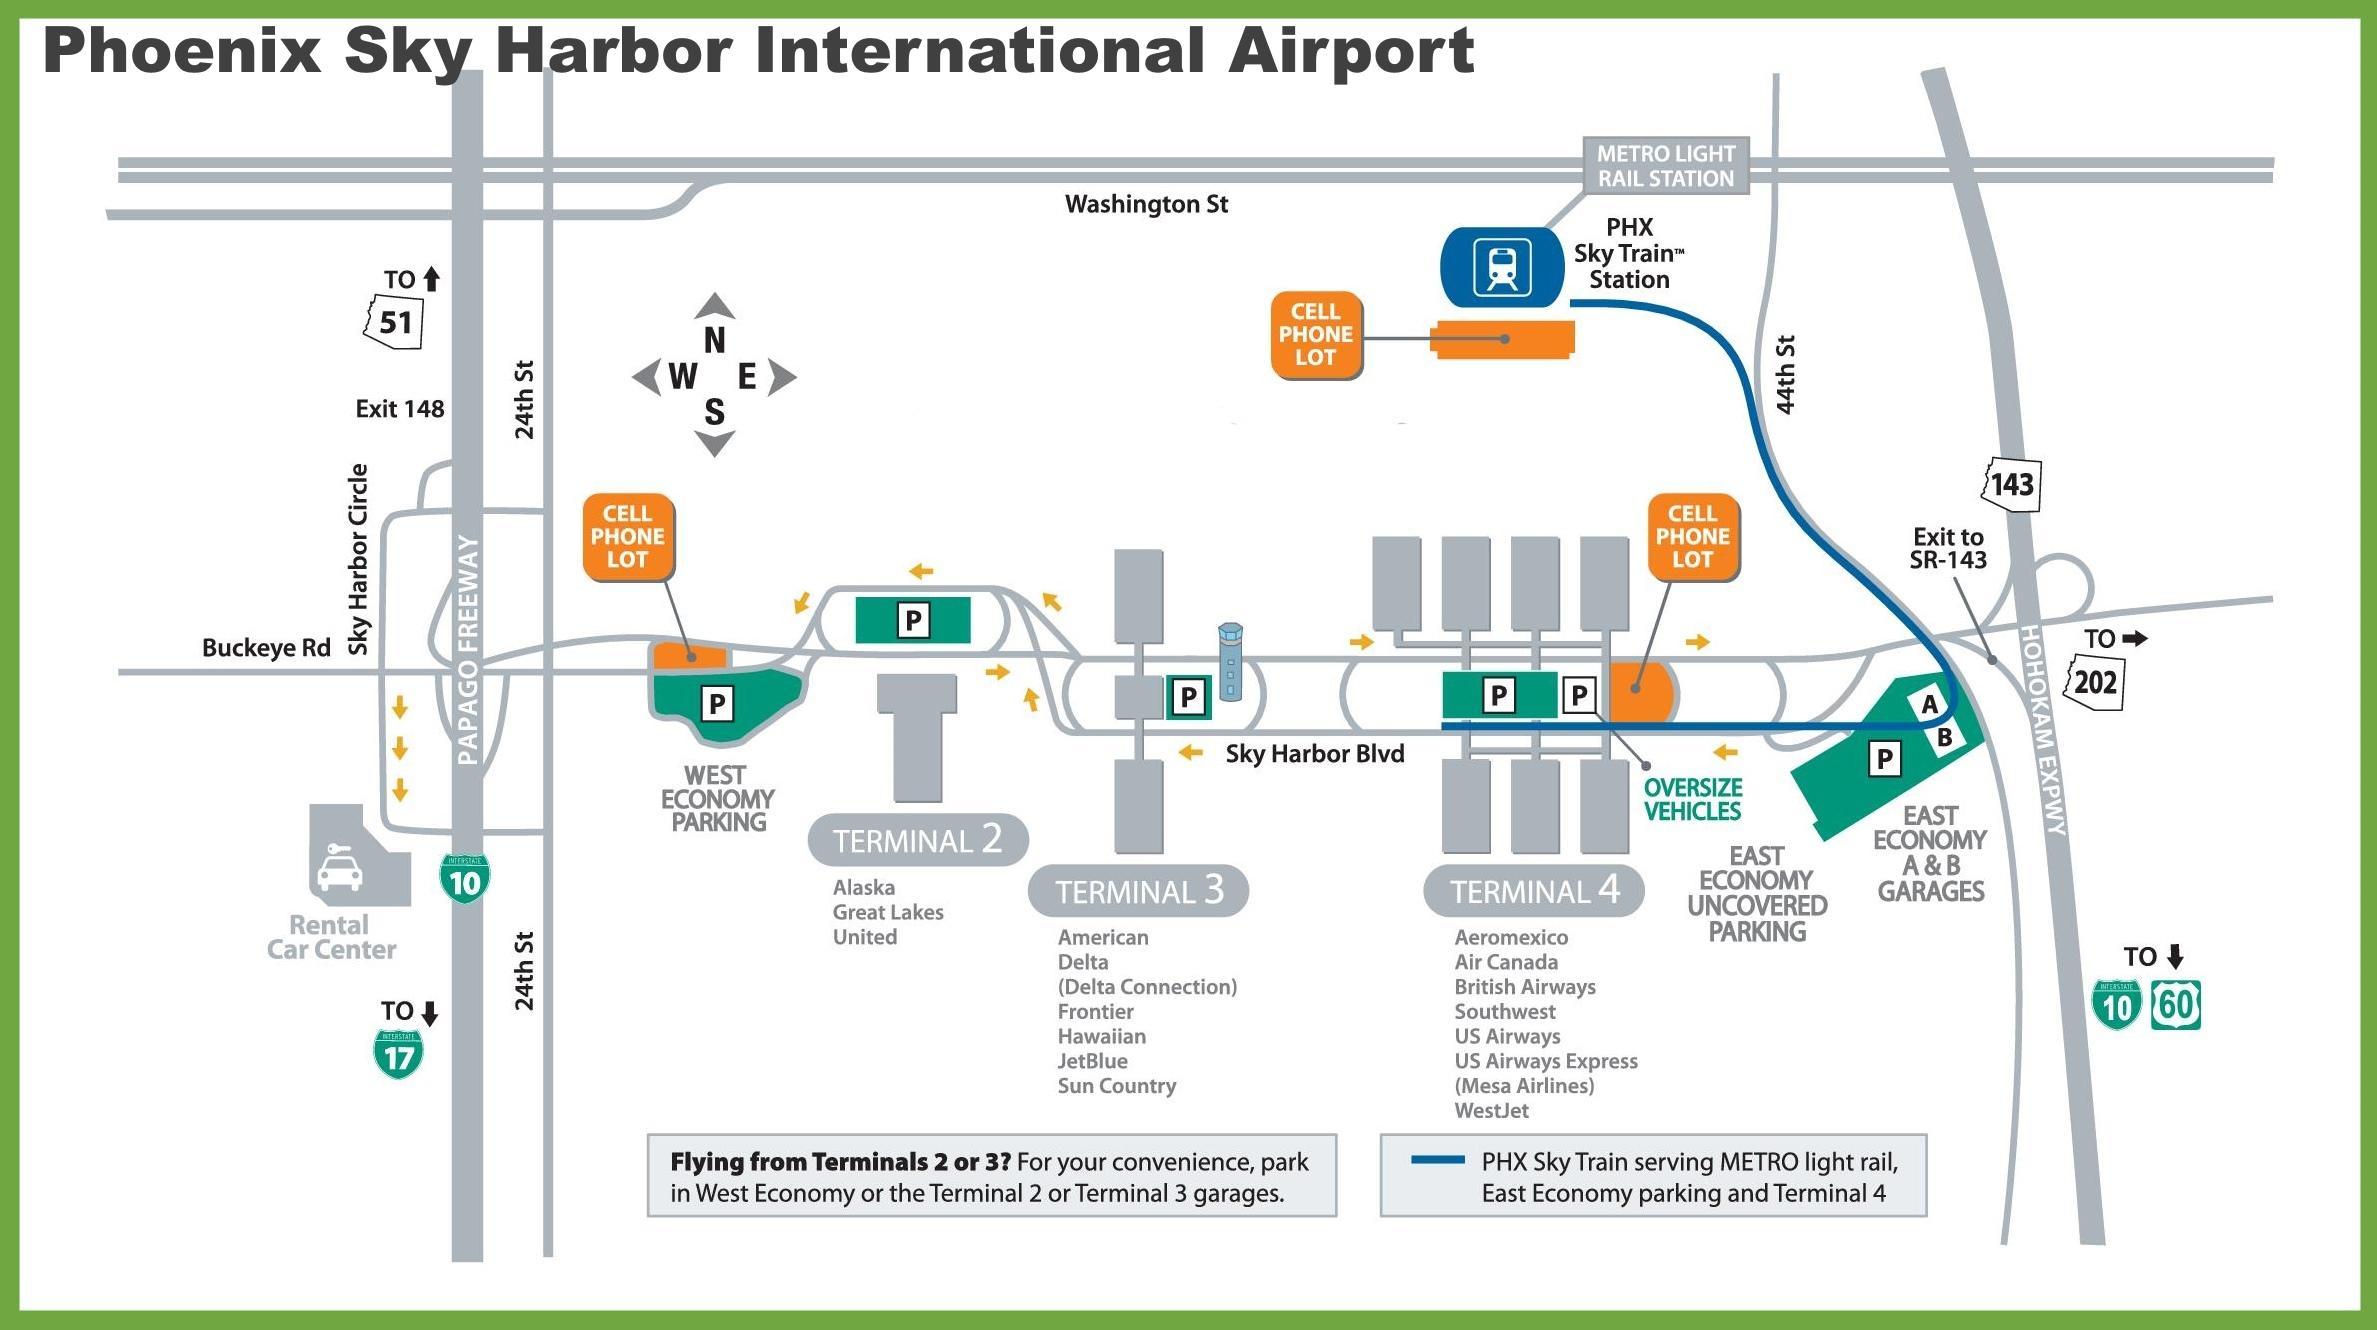 Phx airport map - Map of Phoenix airport (Arizona - USA)